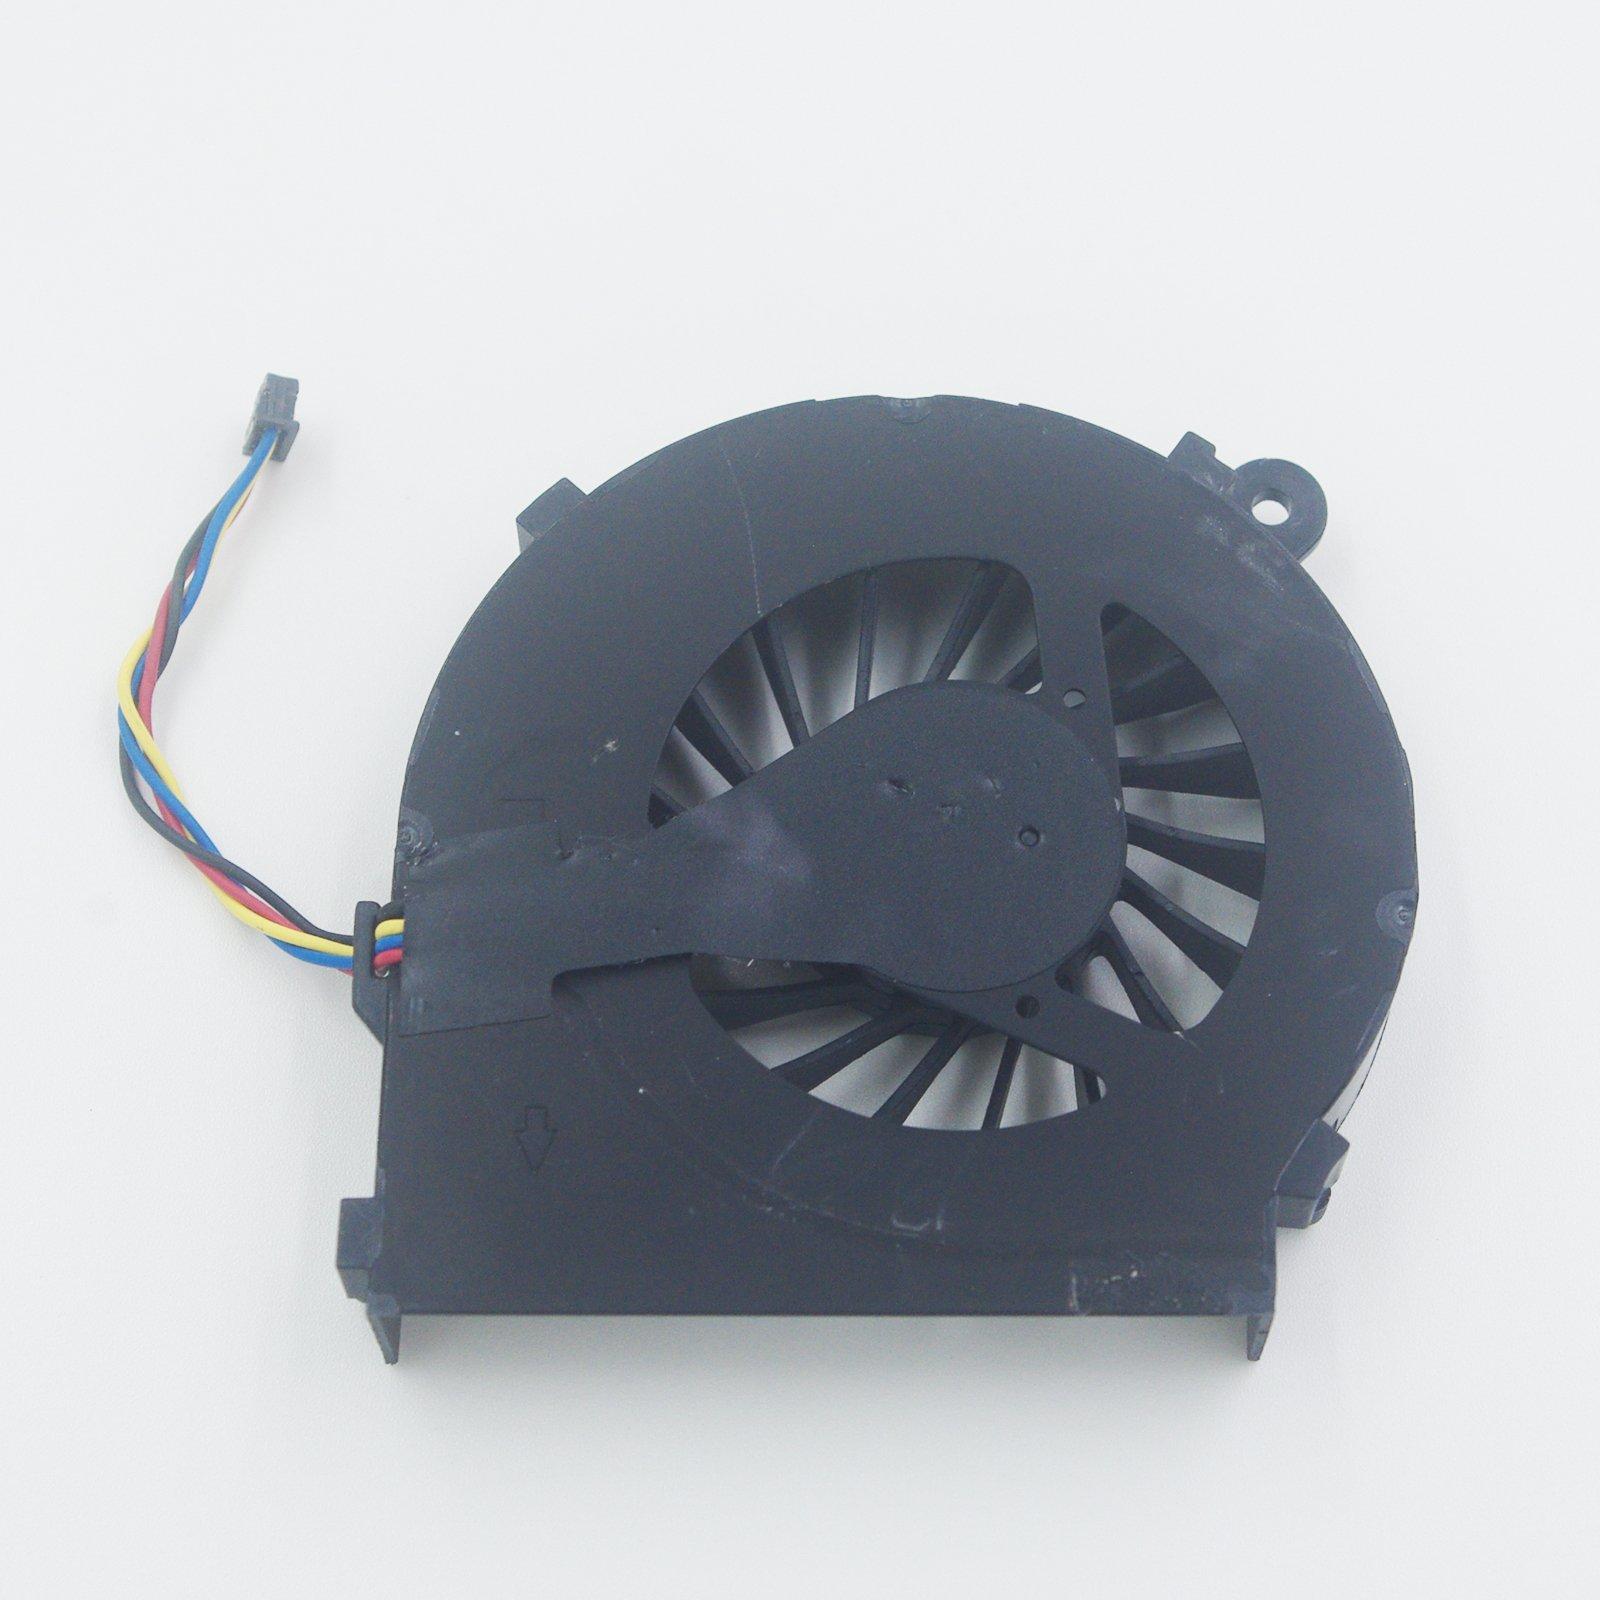 Cooler para HP 450 455 2000 G6-1A G6-1B series 685086-001 688281-001